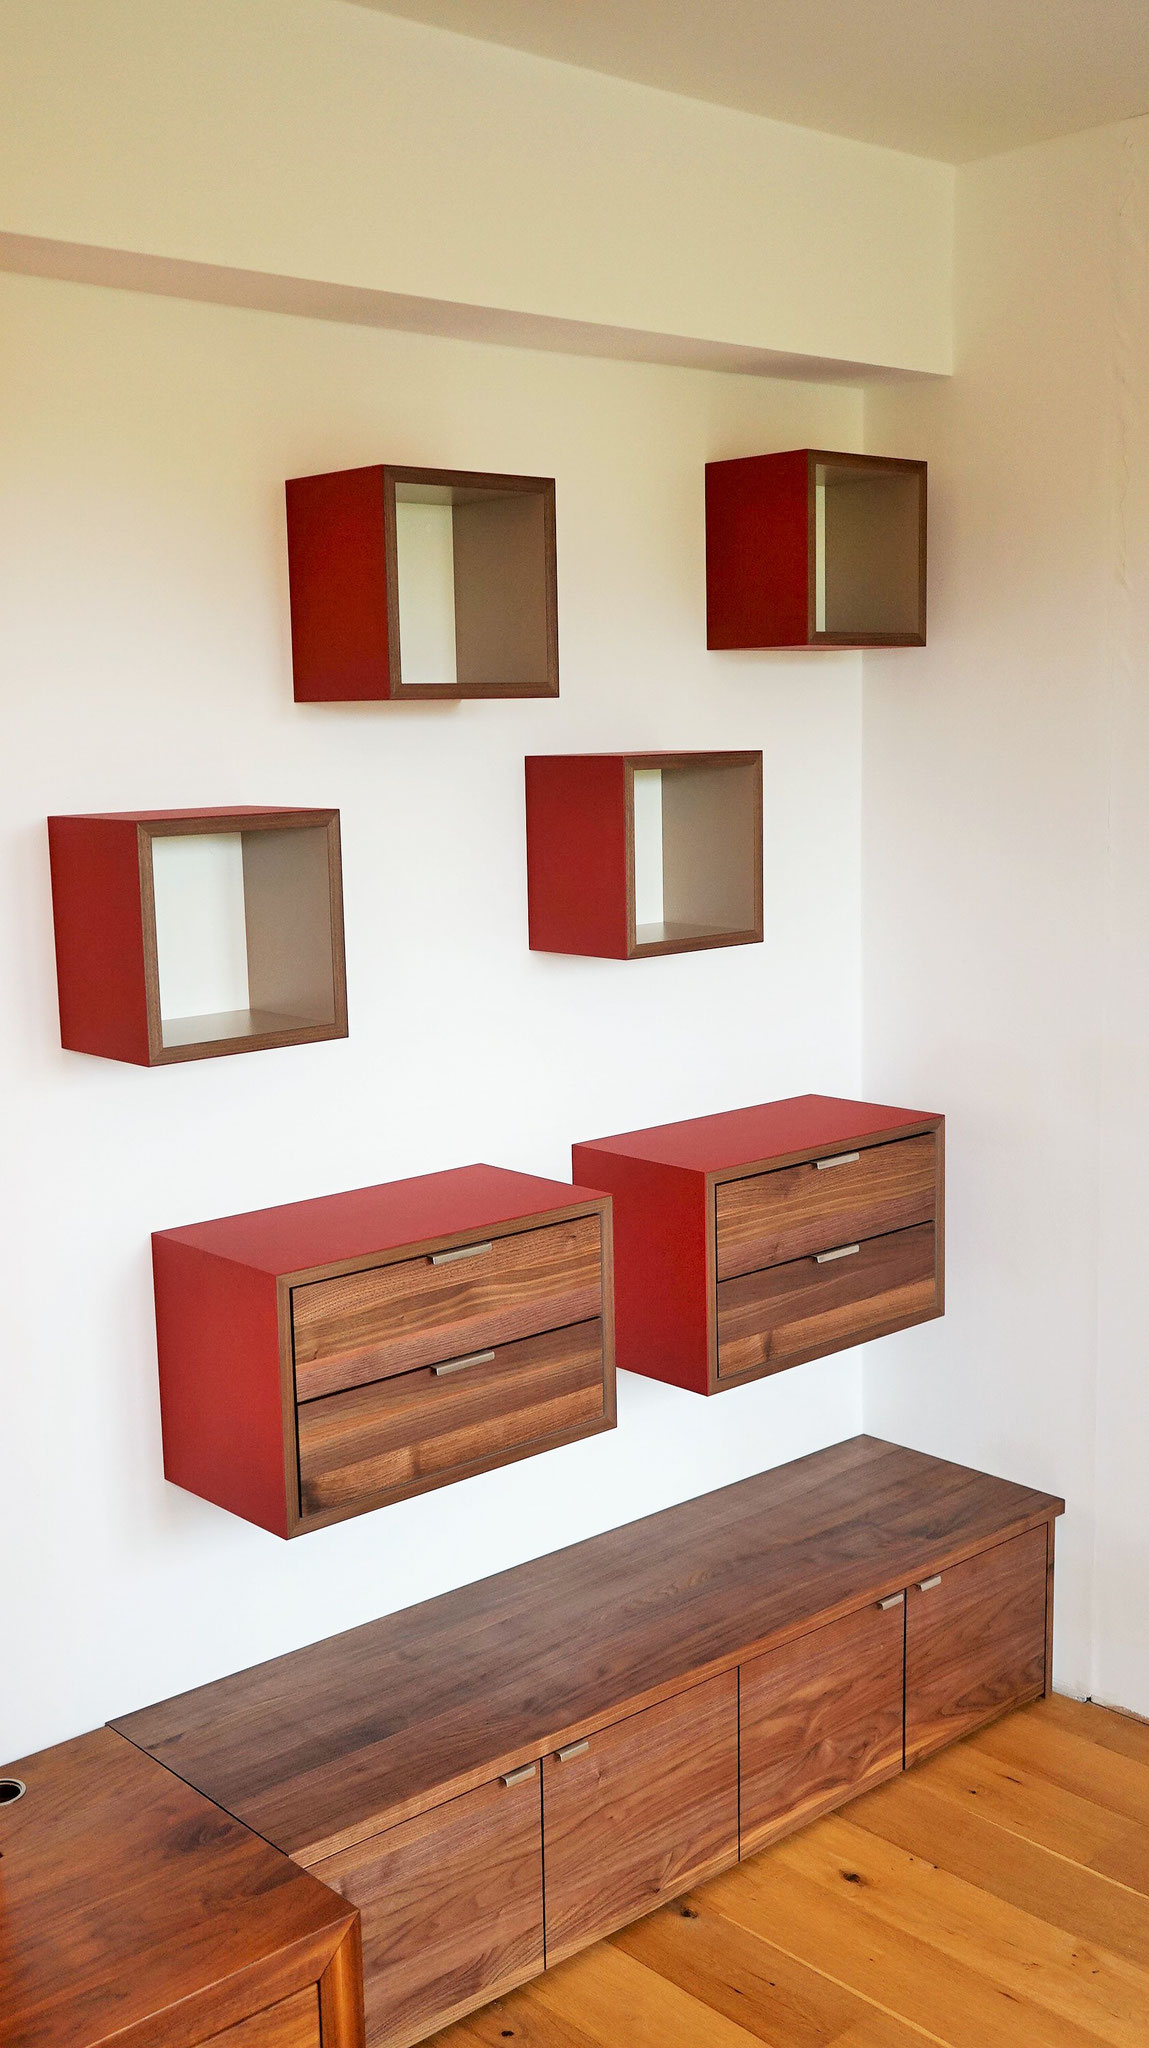 Regal- und Stauraumlösung für eine Nische - Würfel aus rotem Linoleum - Fronten und Korpus sind aus Nussbaum